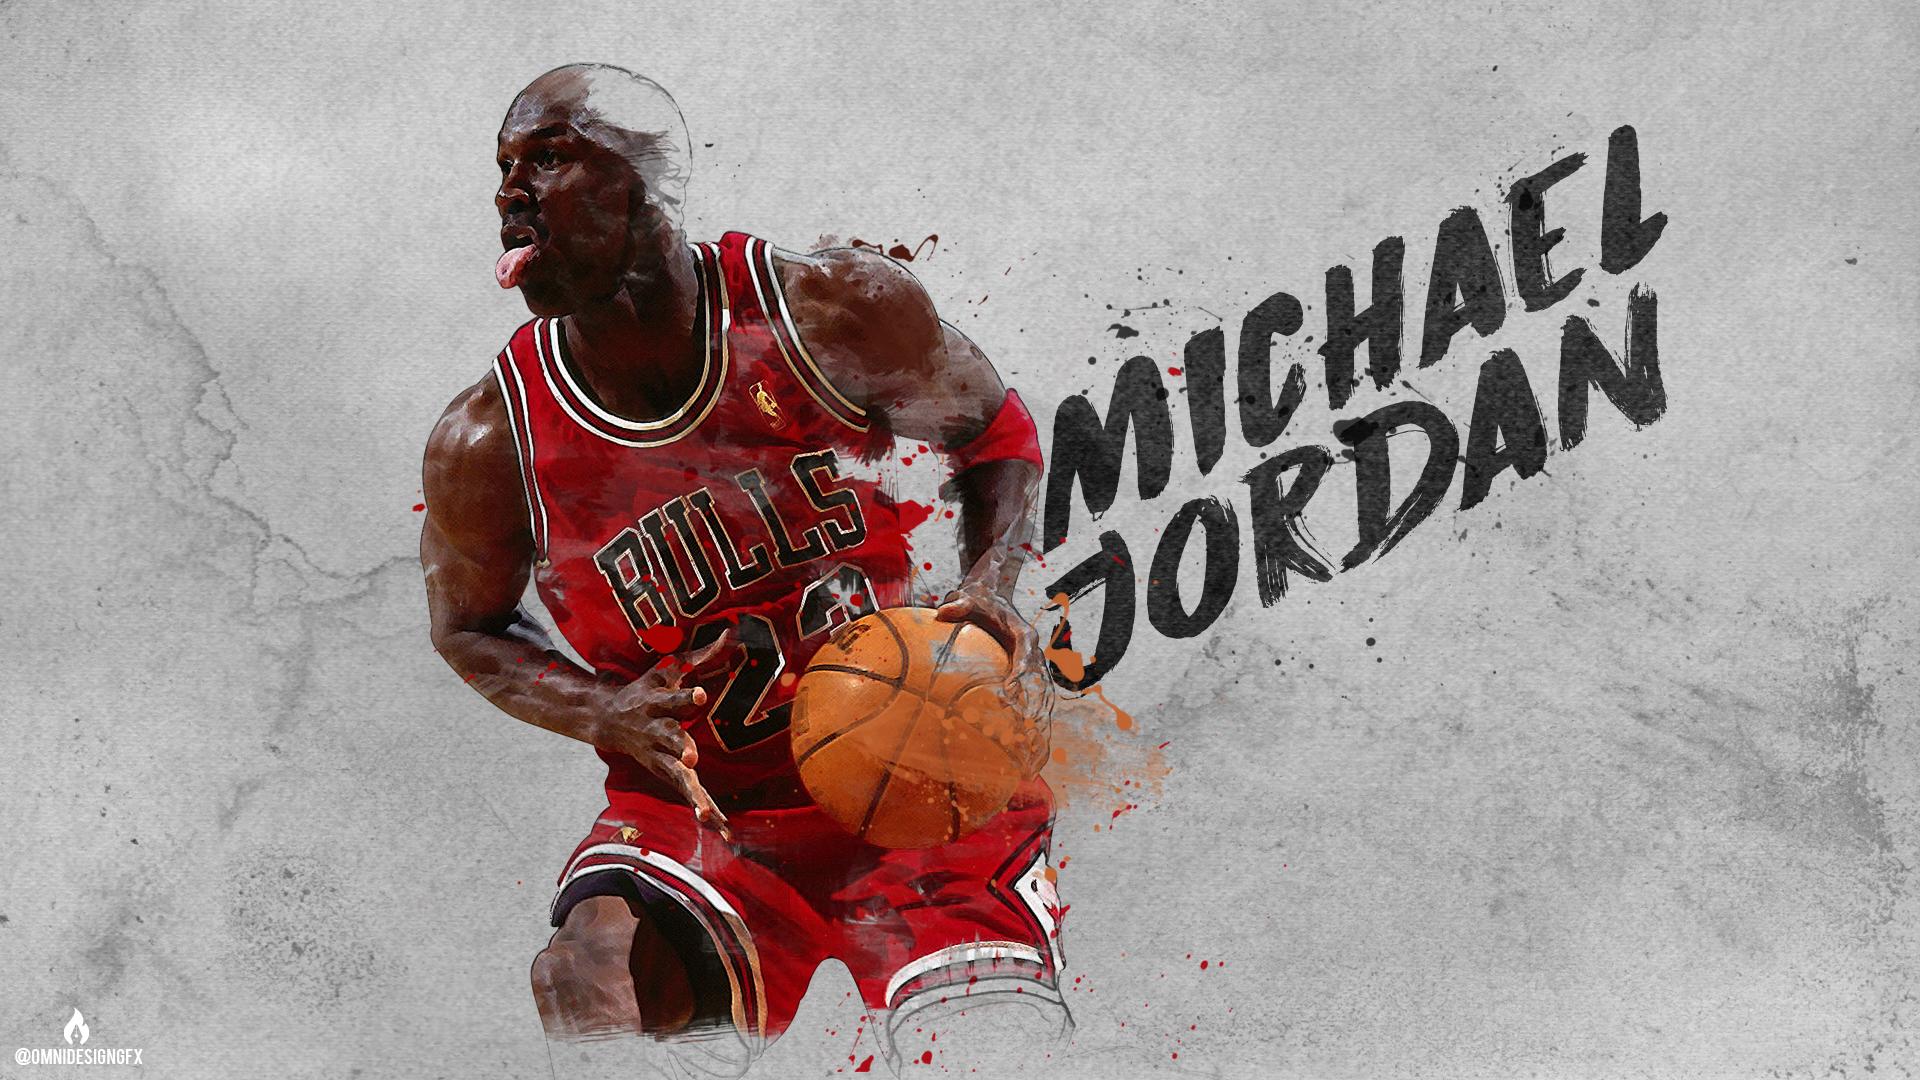 Работа Майкла Джордана обои скачать